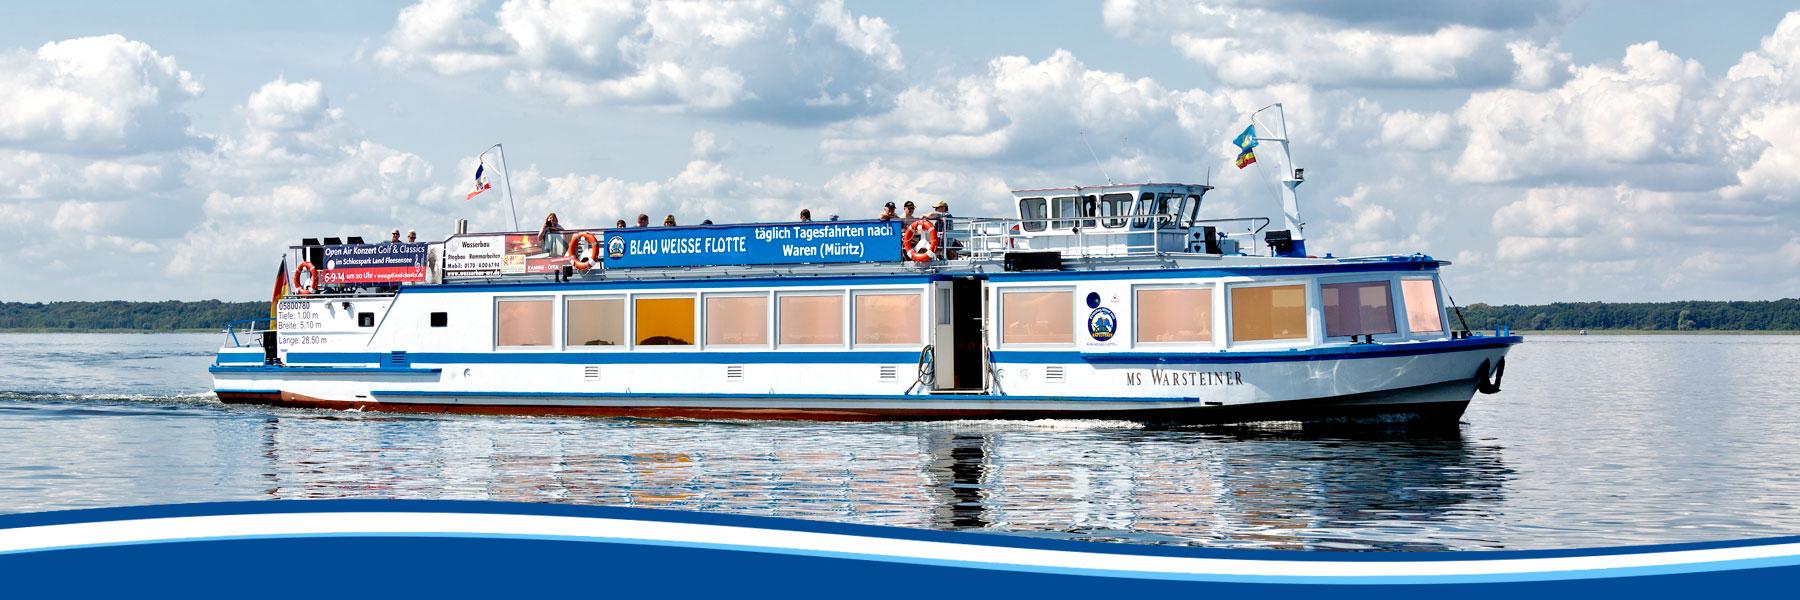 MS Warsteiner - Blau Weisse Flotte Müritz & Seen in Malchow